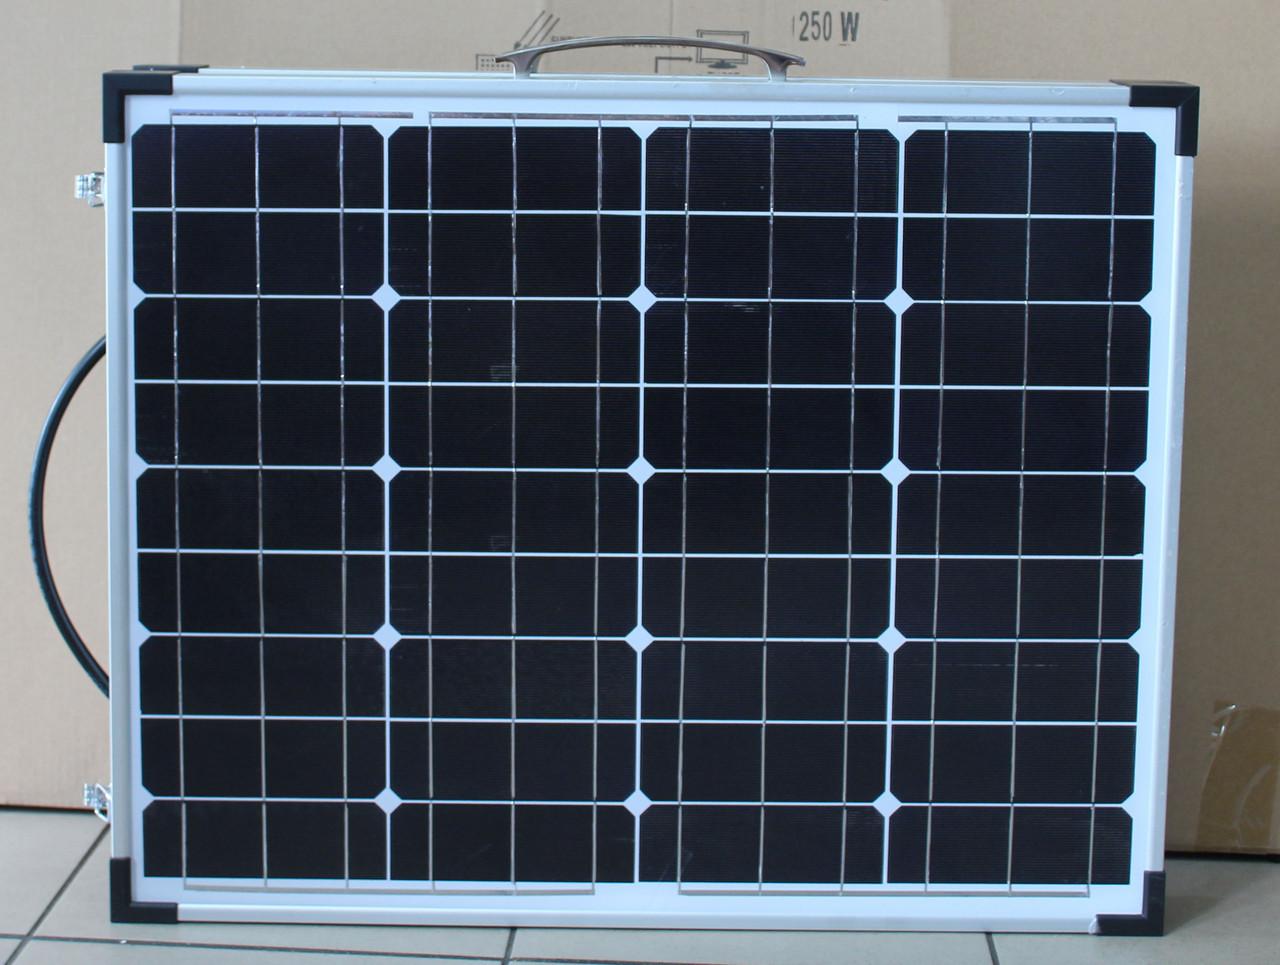 Solar board 2F 120W 18V 670*540*35*35 FOLD (1)  в уп. 1шт.